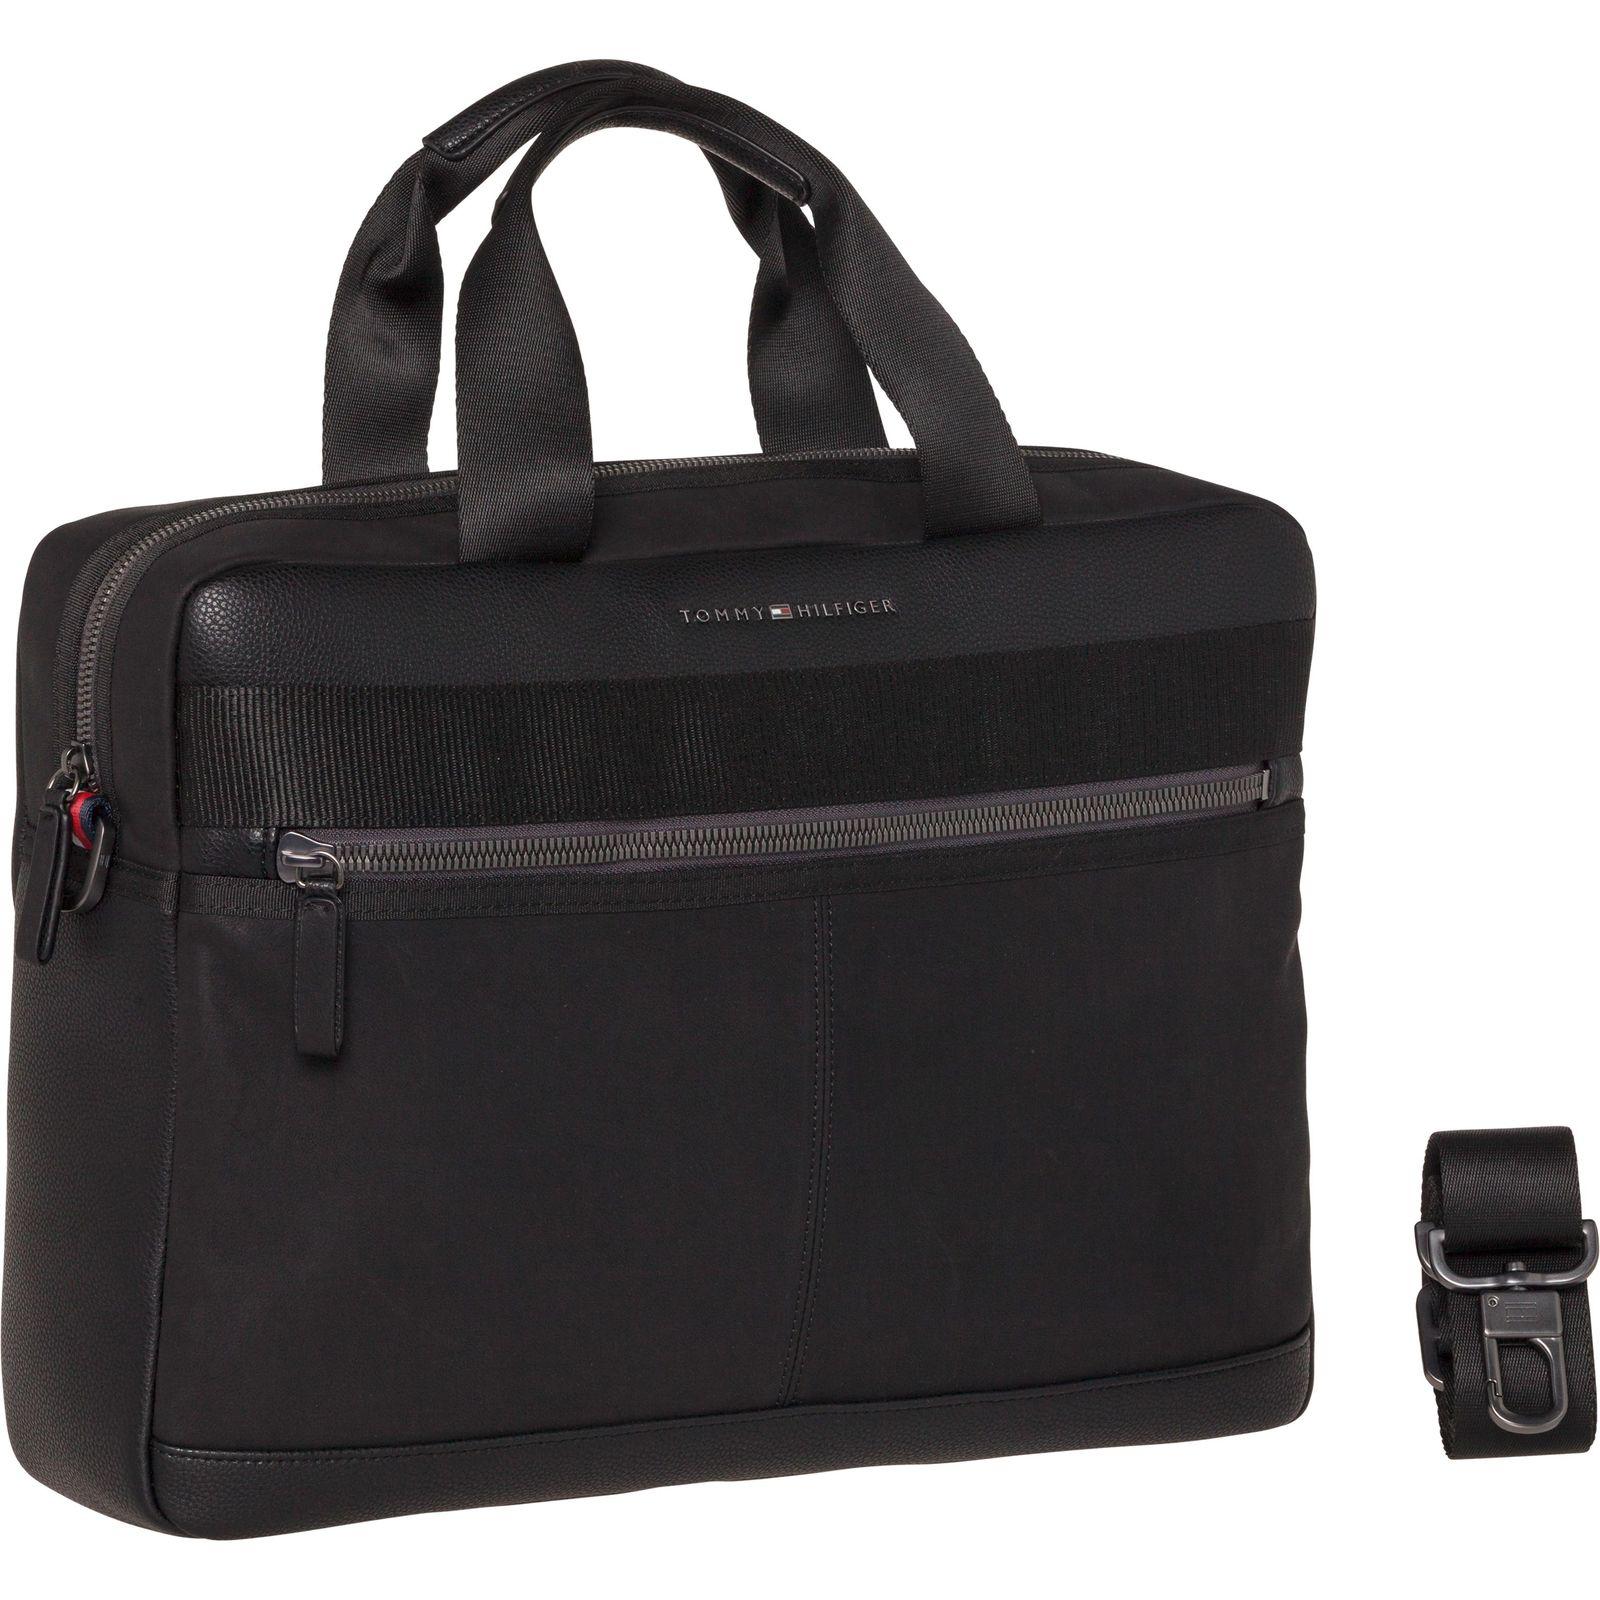 99f12f63429 TOMMY HILFIGER Playful Novelty Computer Bag Black